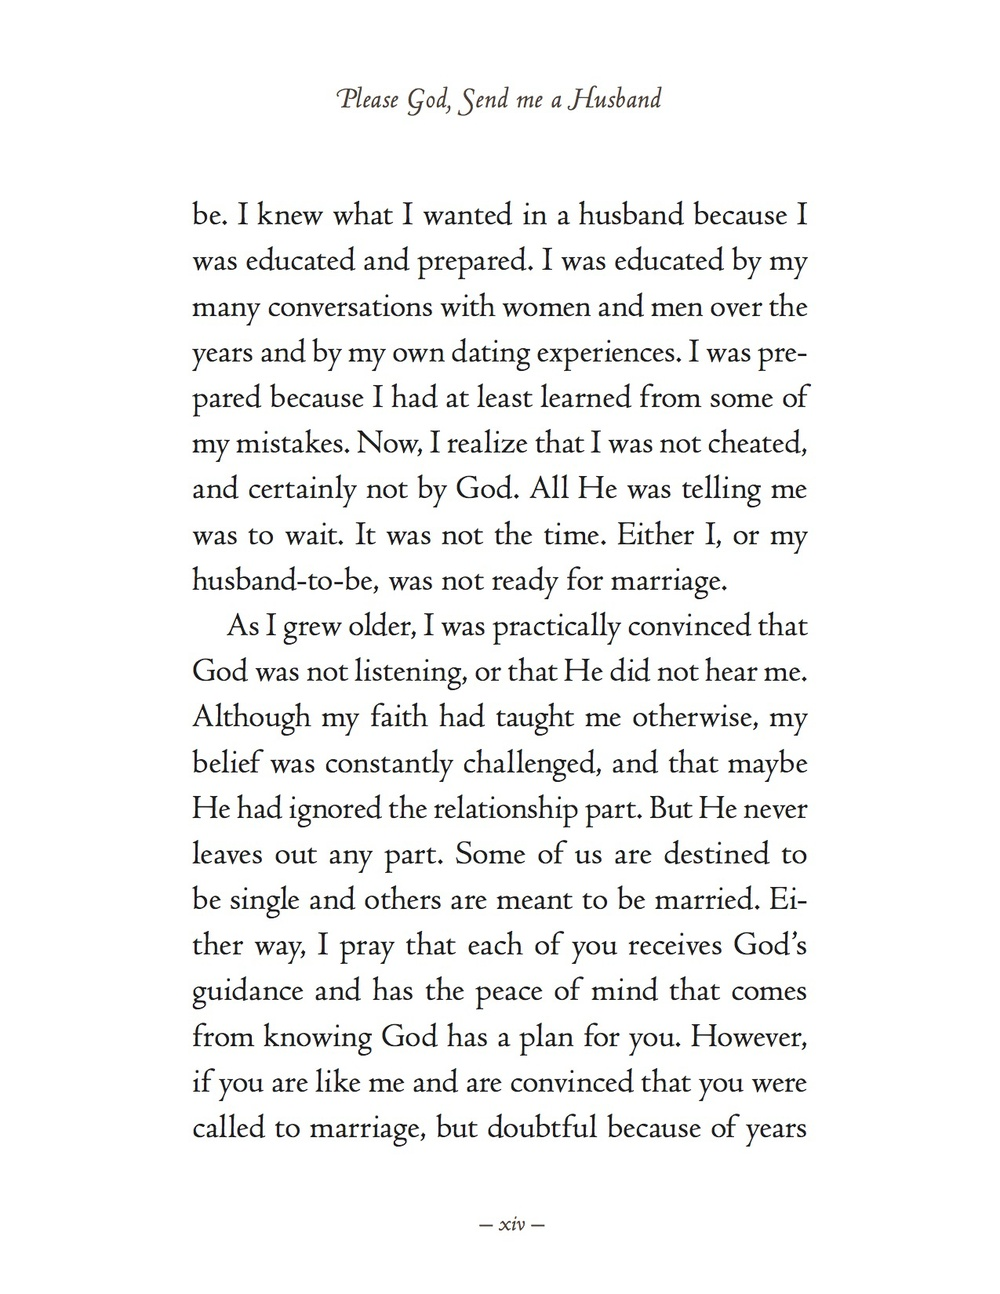 Please God Send me a husband   Page 4.jpg